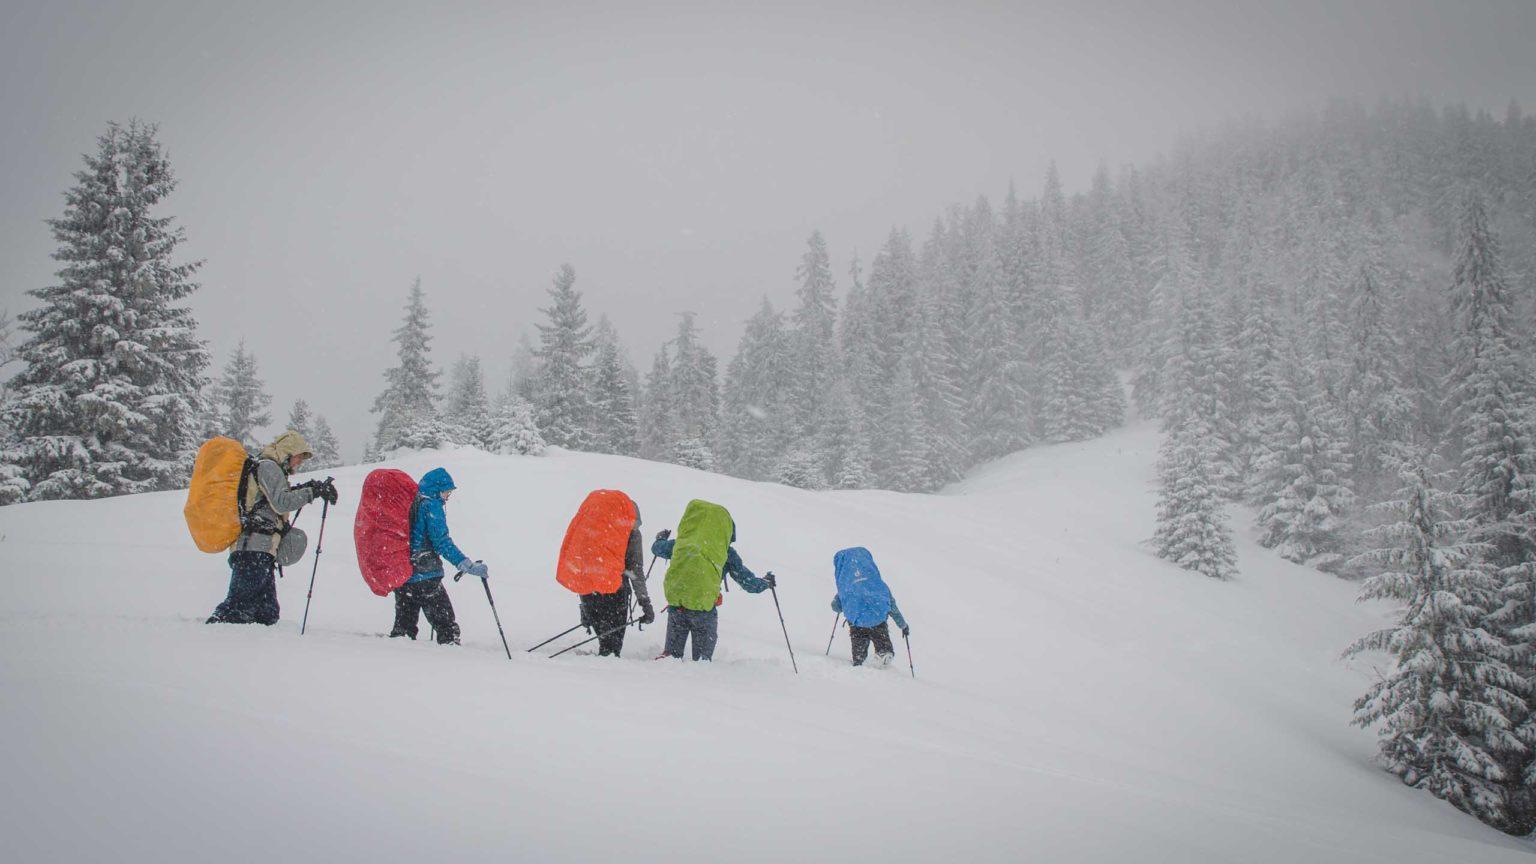 Grupa osób idzie w głębokim śniegu w górach